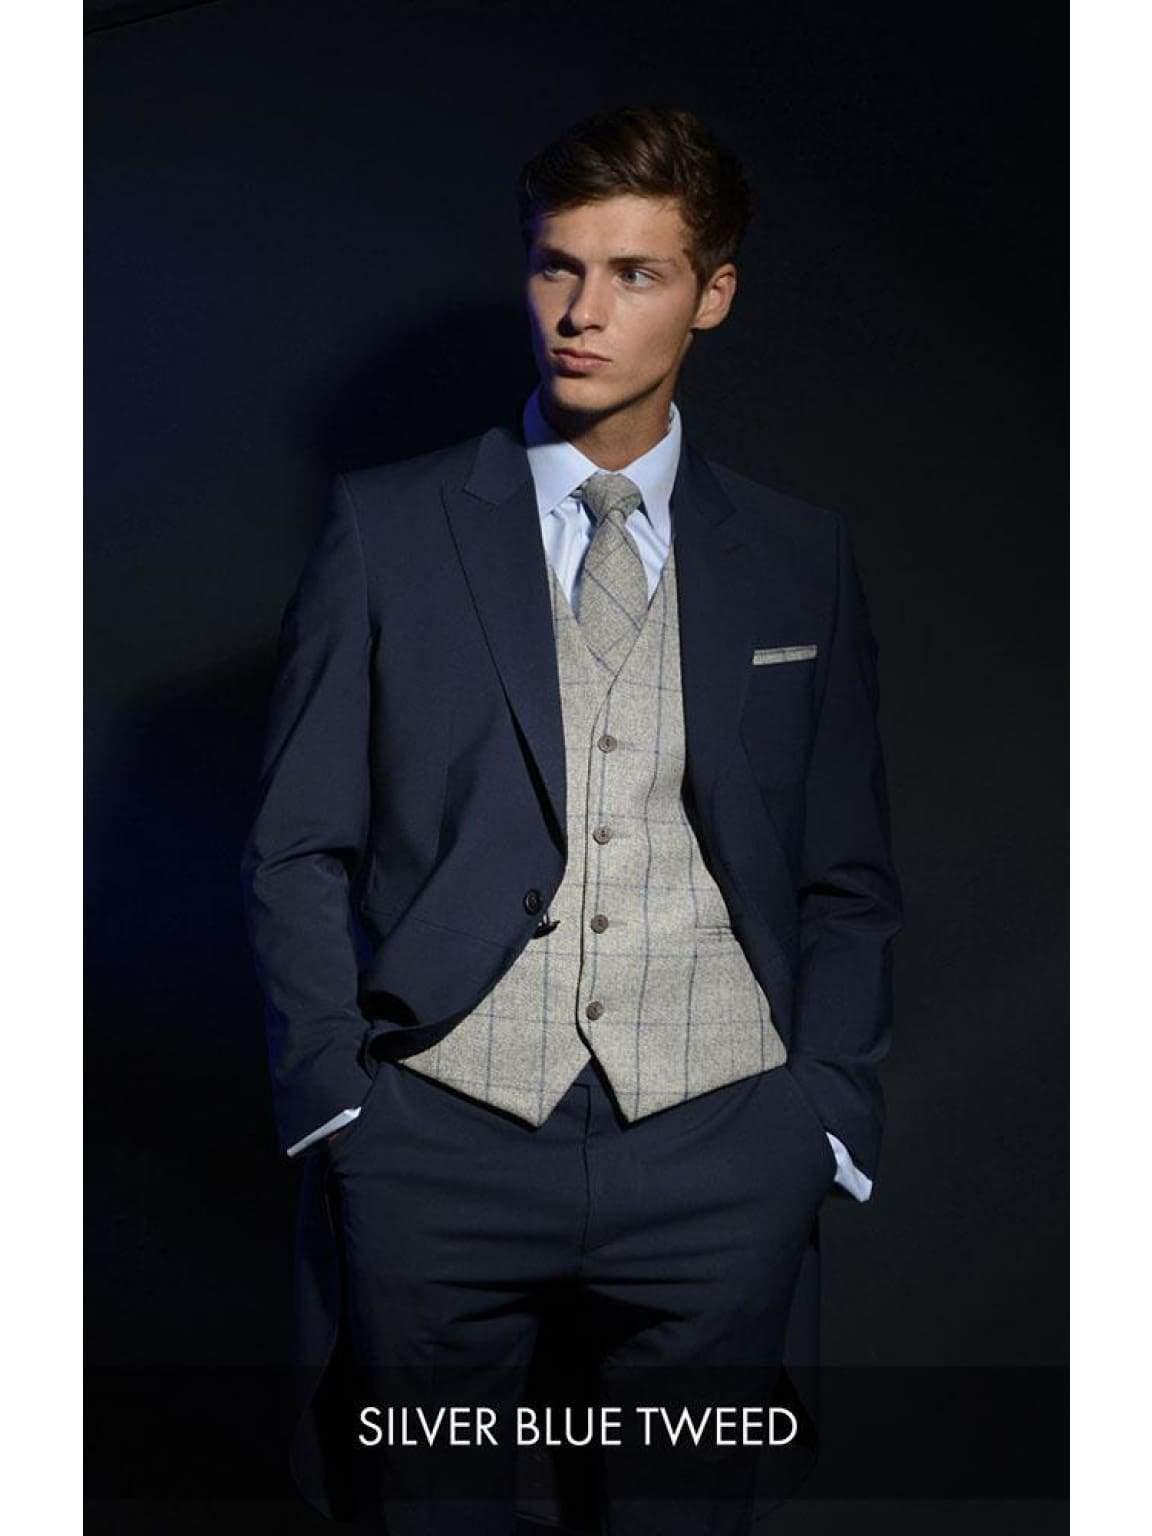 Heirloom Silver Blue Luxury 100% Wool Tweed Waistcoat - 34R - WAISTCOATS